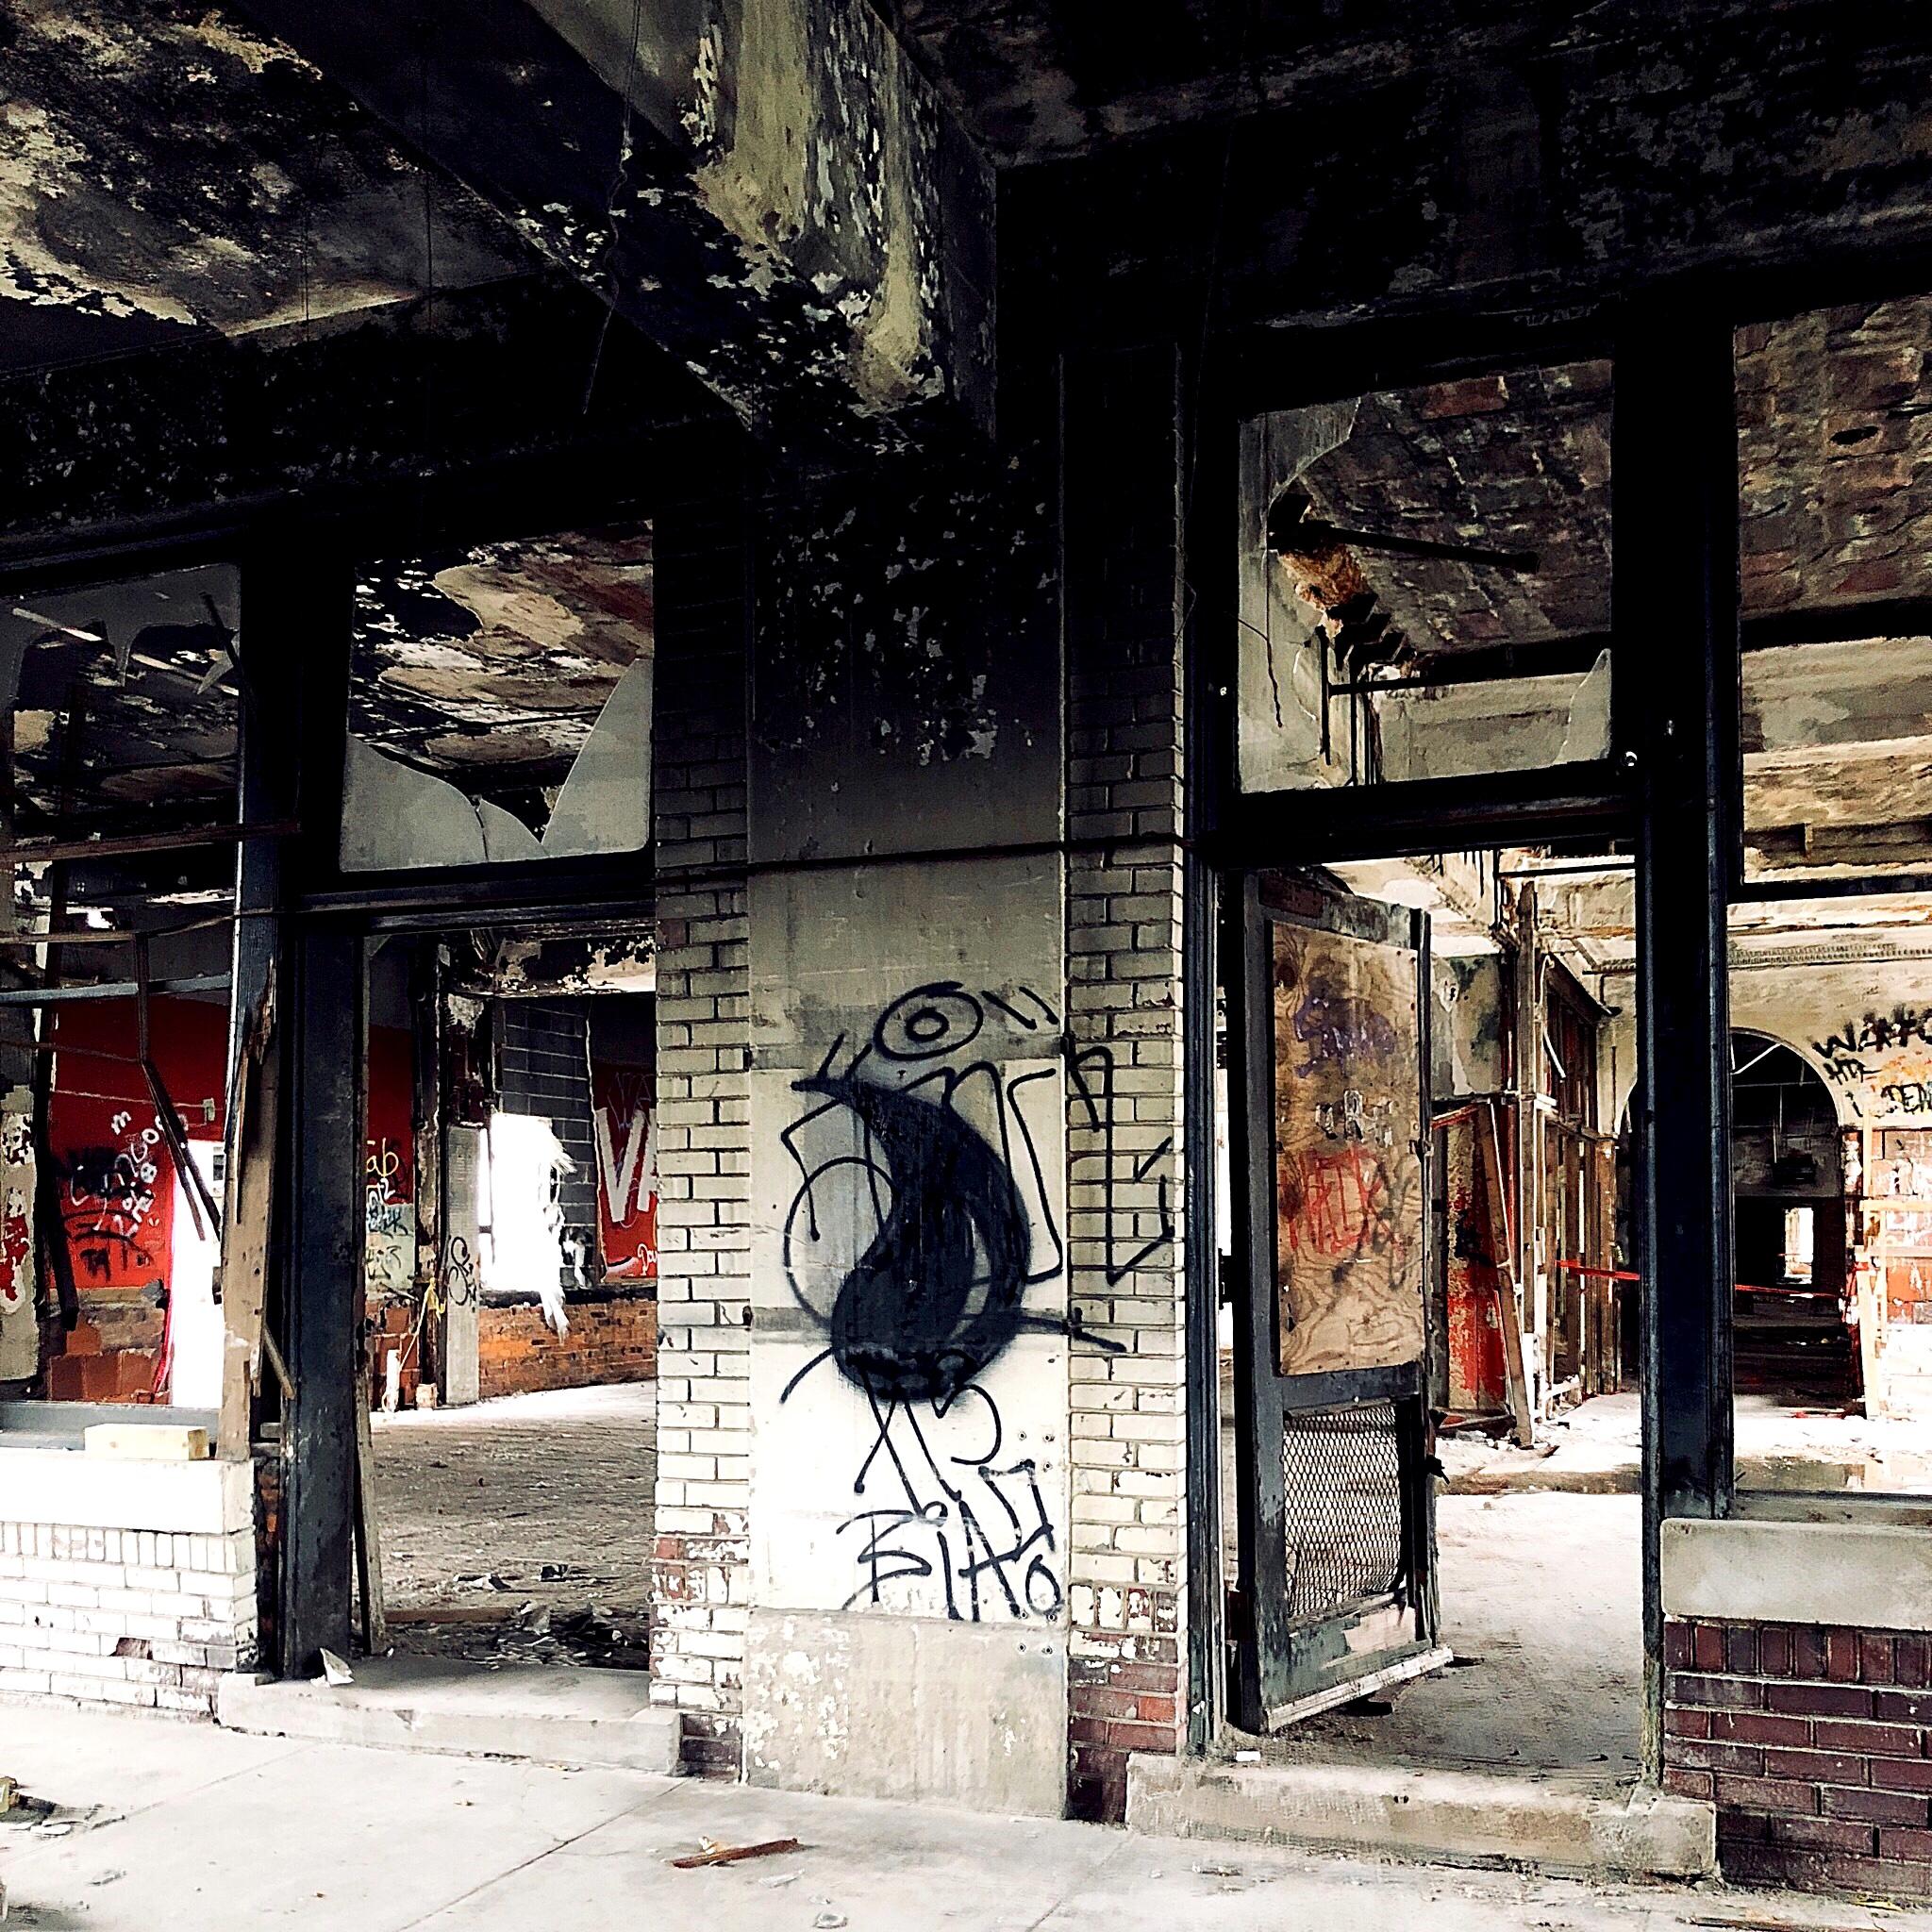 interieurs 4 - Les aventuriers de l'usine perdue